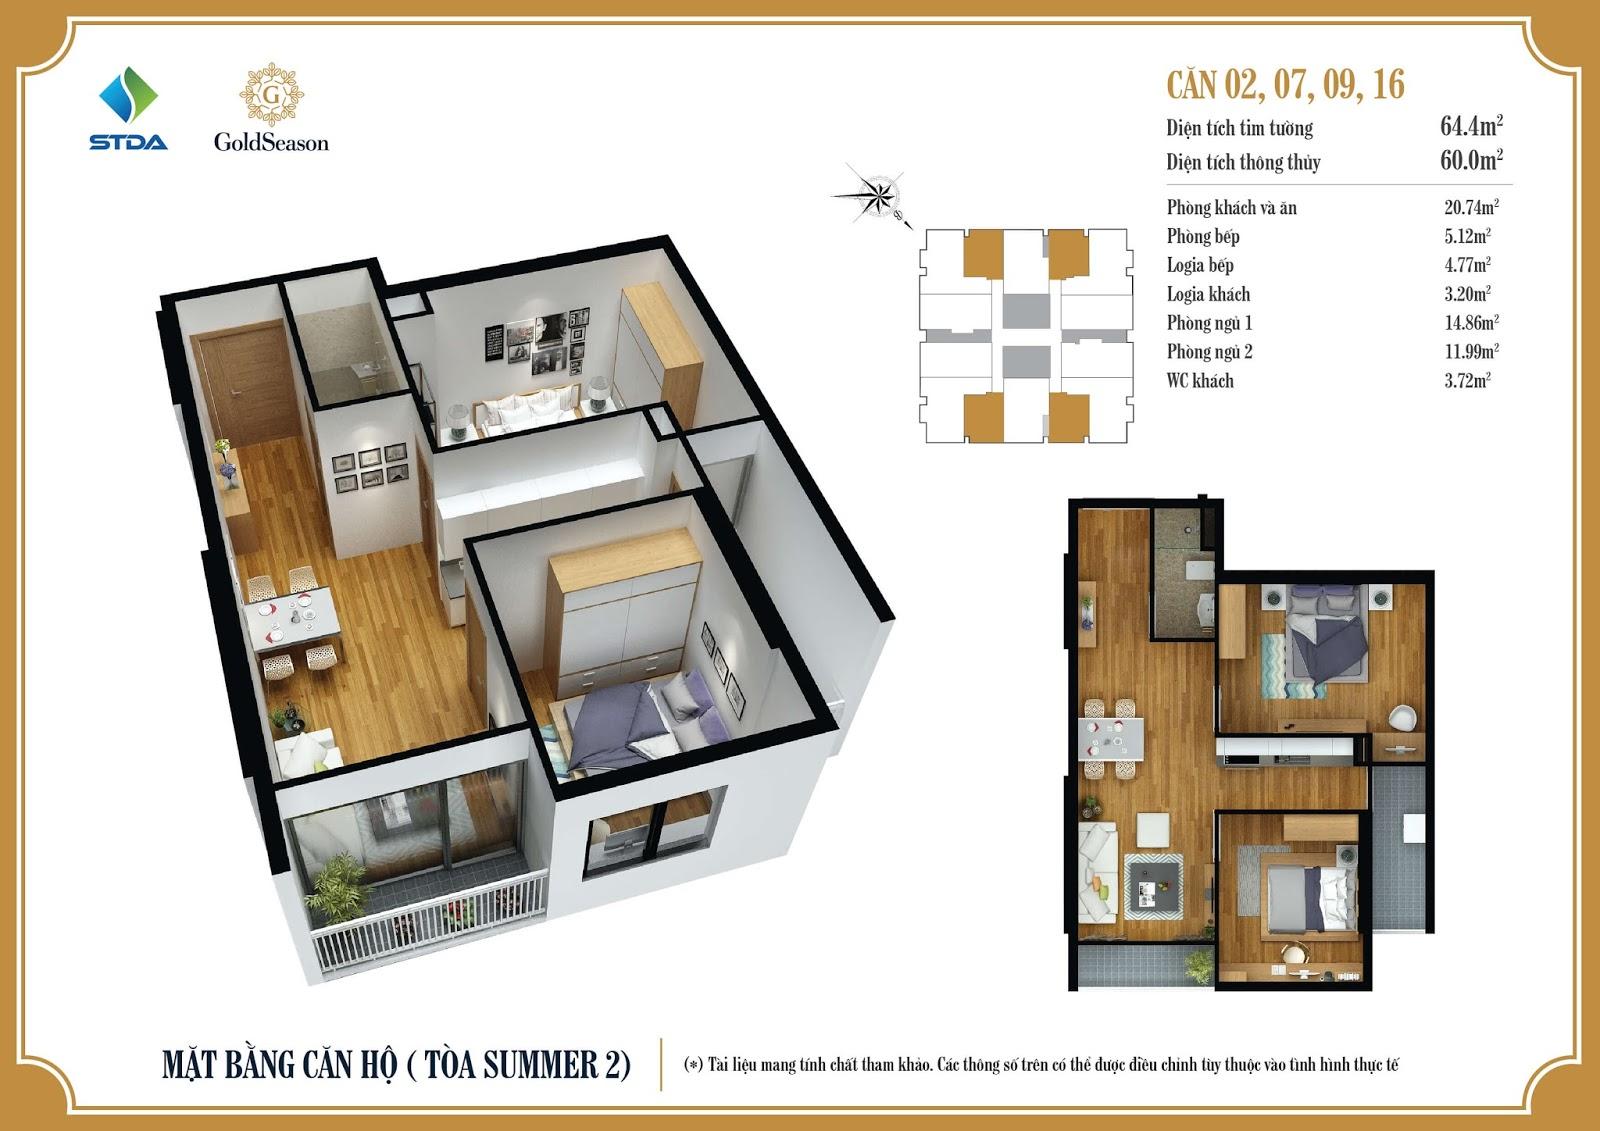 Thiết kế chi tiết mặt bằng căn hộ số 02,07,09 và 16 diện tích 64m2 - GoldSeason